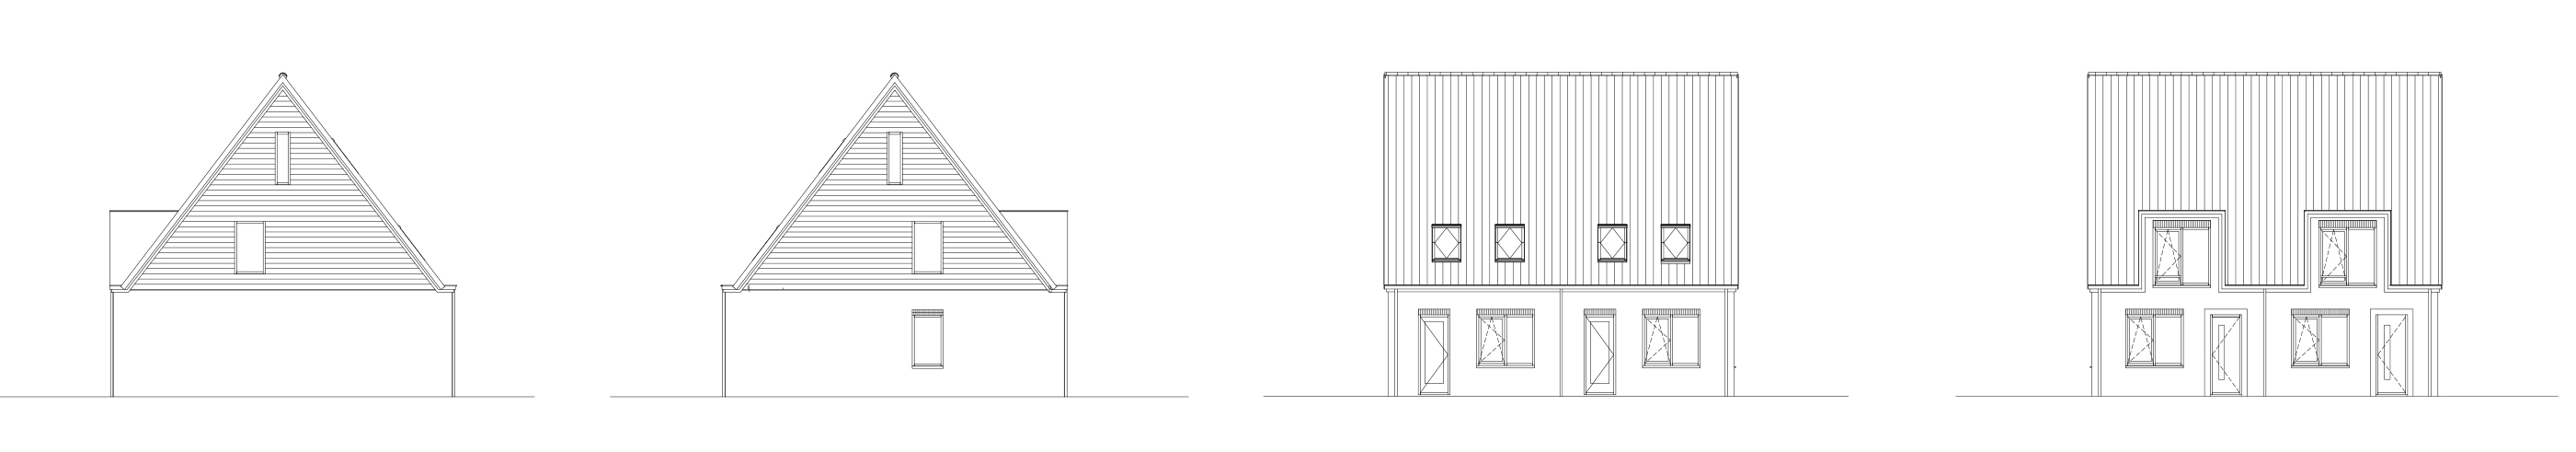 Geveltekeningen woningen blok B - Zijderlaan Polsbroek